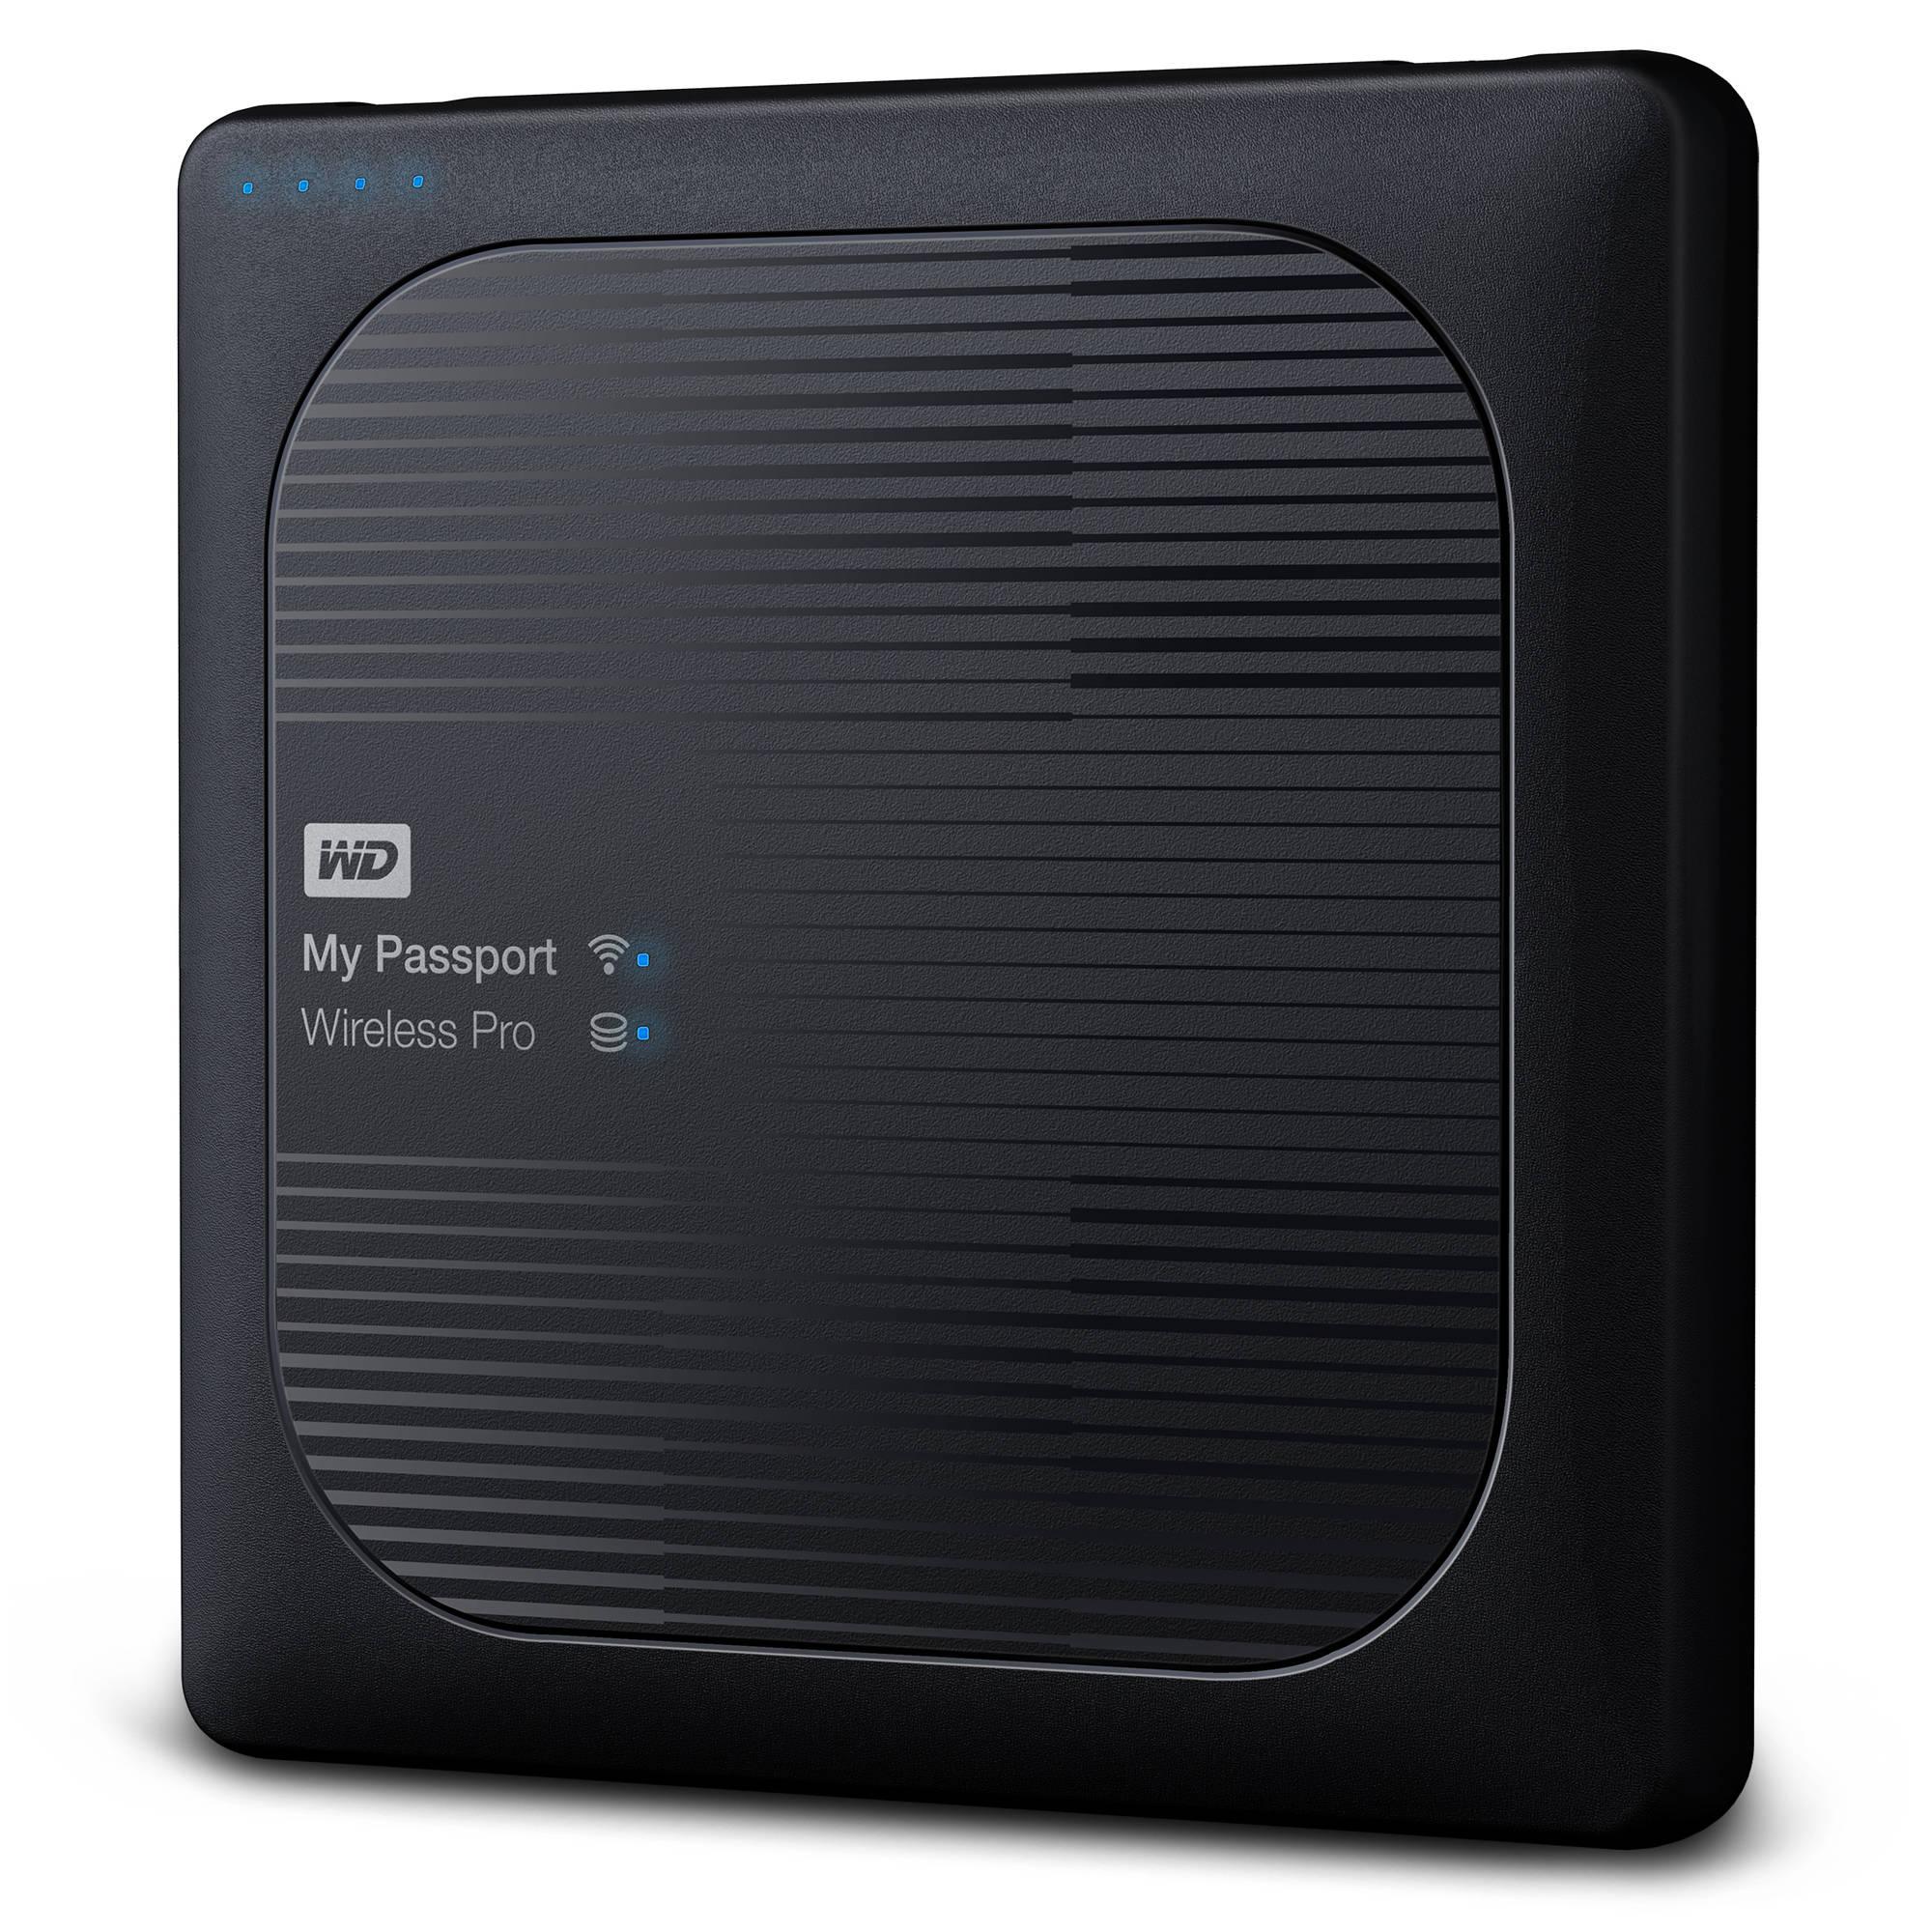 WD 3TB My Passport Wireless Pro USB 3 0 External Hard Drive